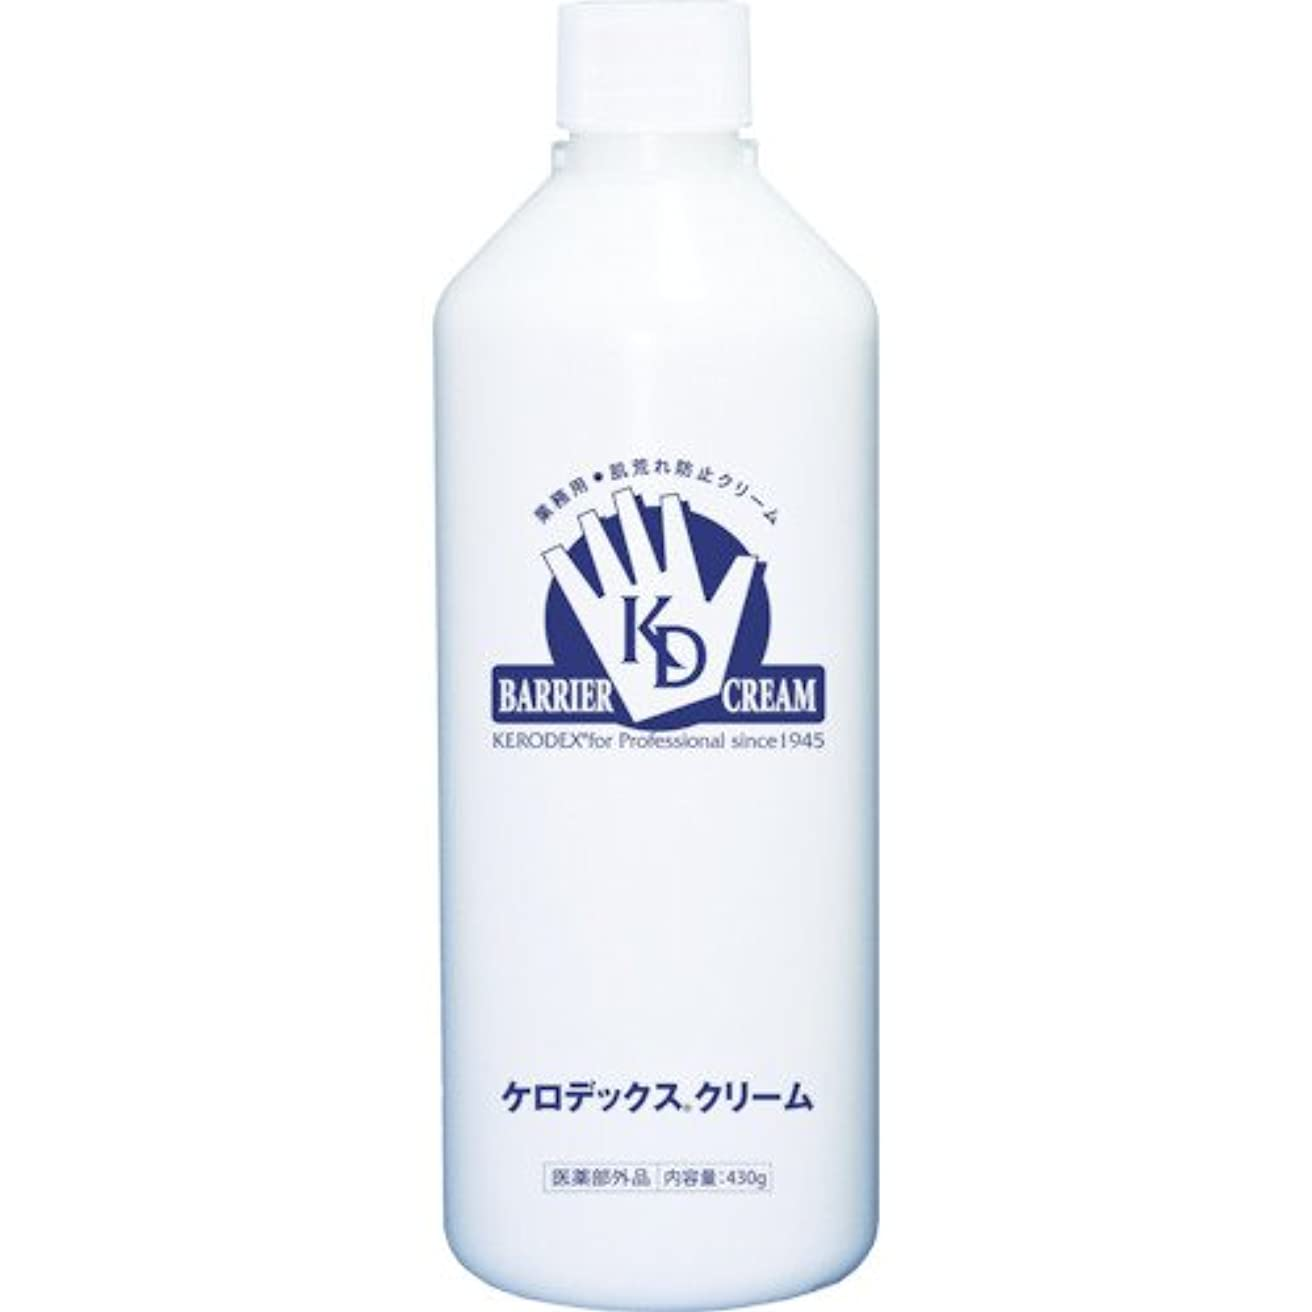 豚しがみつくワイプケロデックスクリーム ボトルタイプ 詰替用 430g